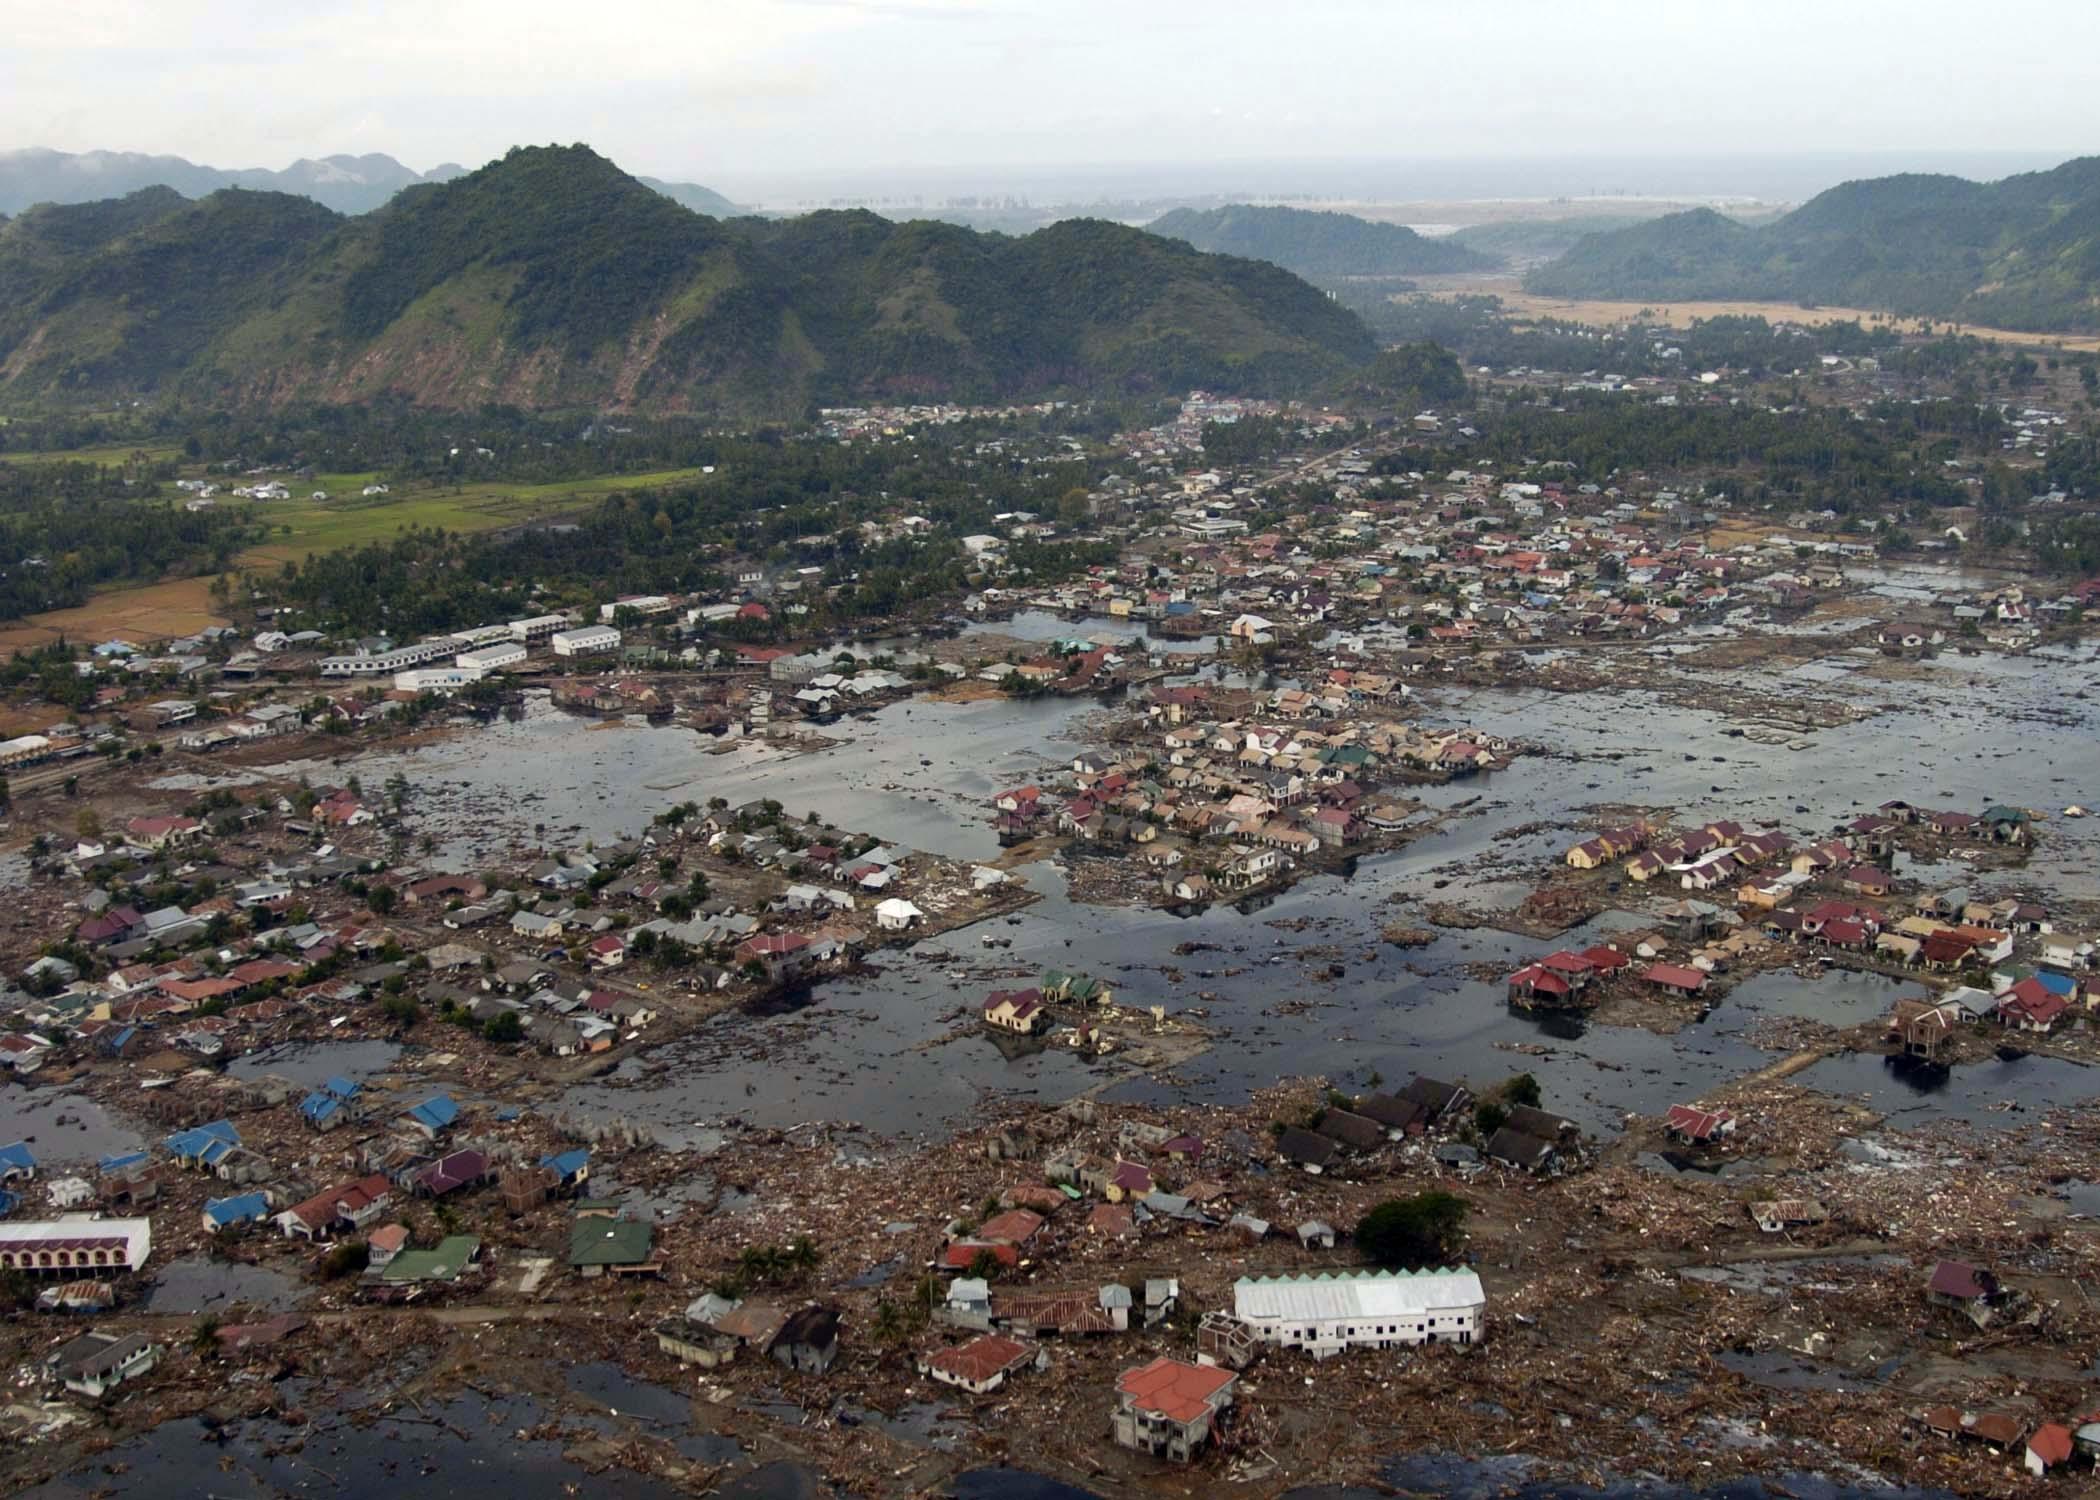 Gempa bumi dan tsunami di Samudera Hindia pada tahun 2004.